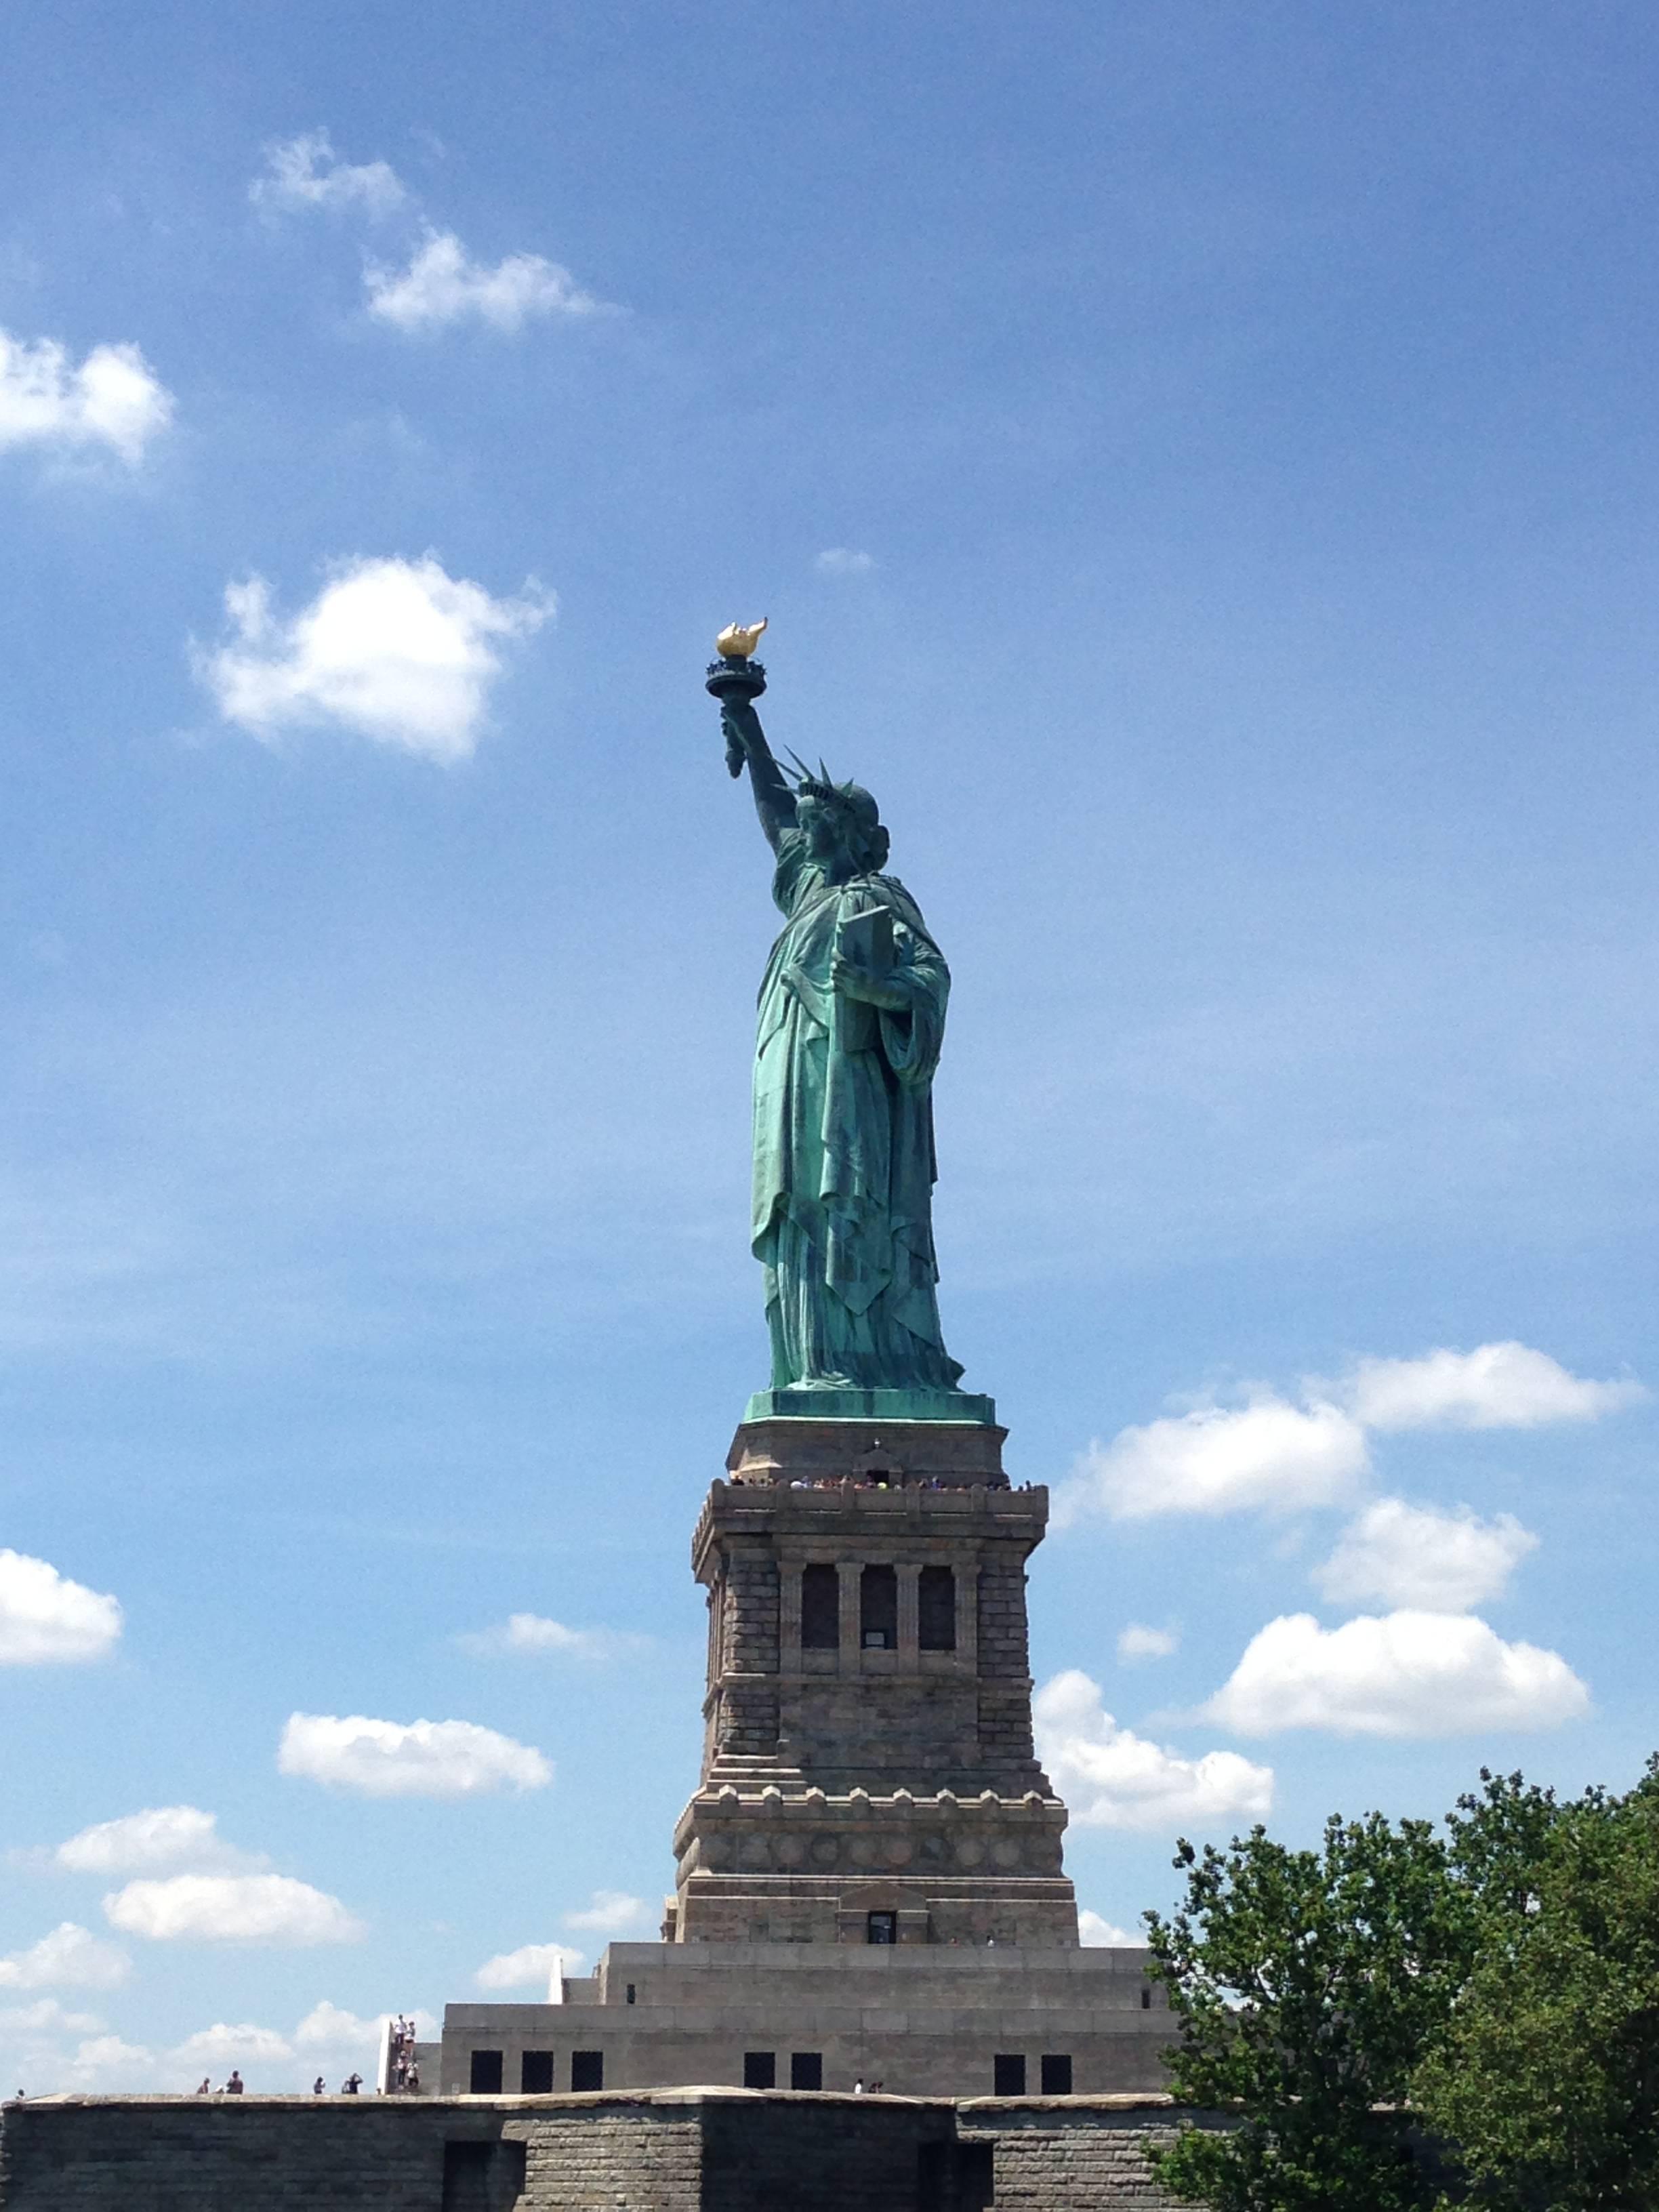 Photo 2: Statue de la Liberté